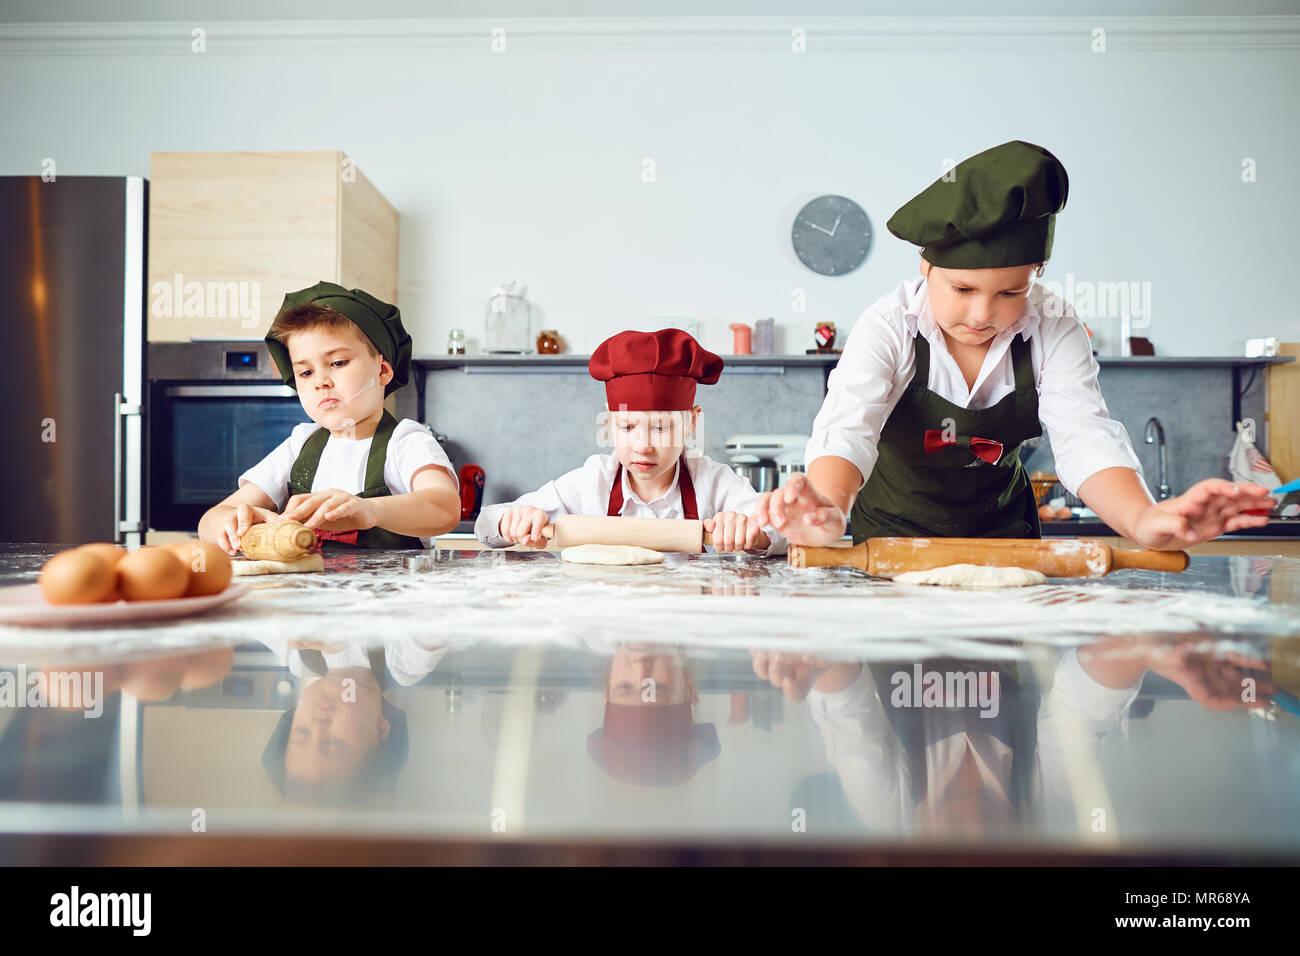 Un gruppo di bambini sono la cucina in cucina. Immagini Stock